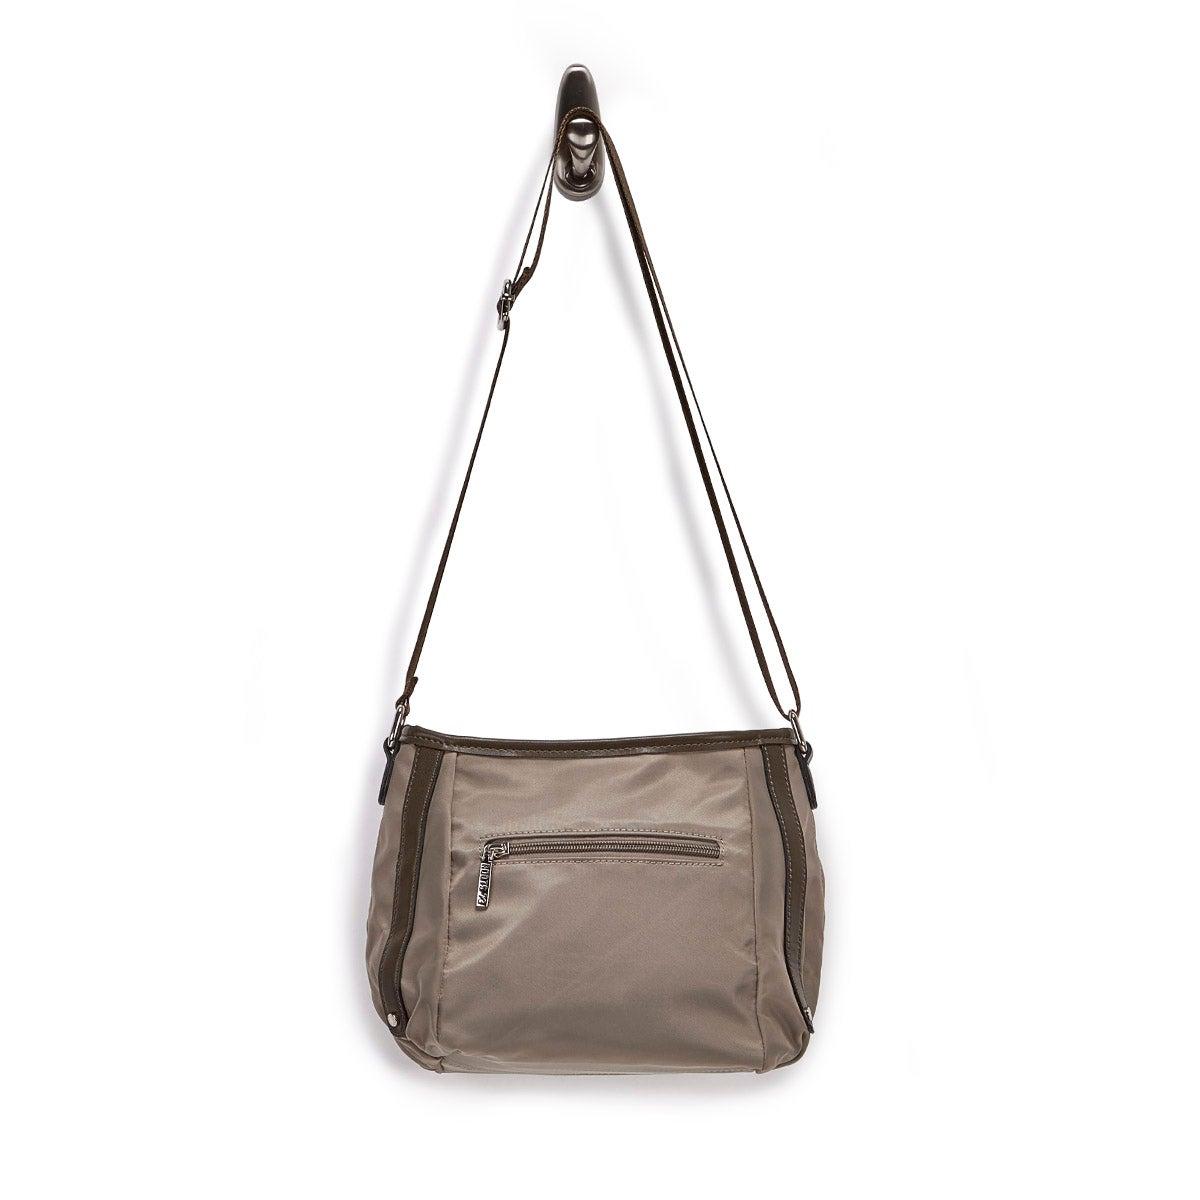 Lds khaki top zip east/west hobo bag